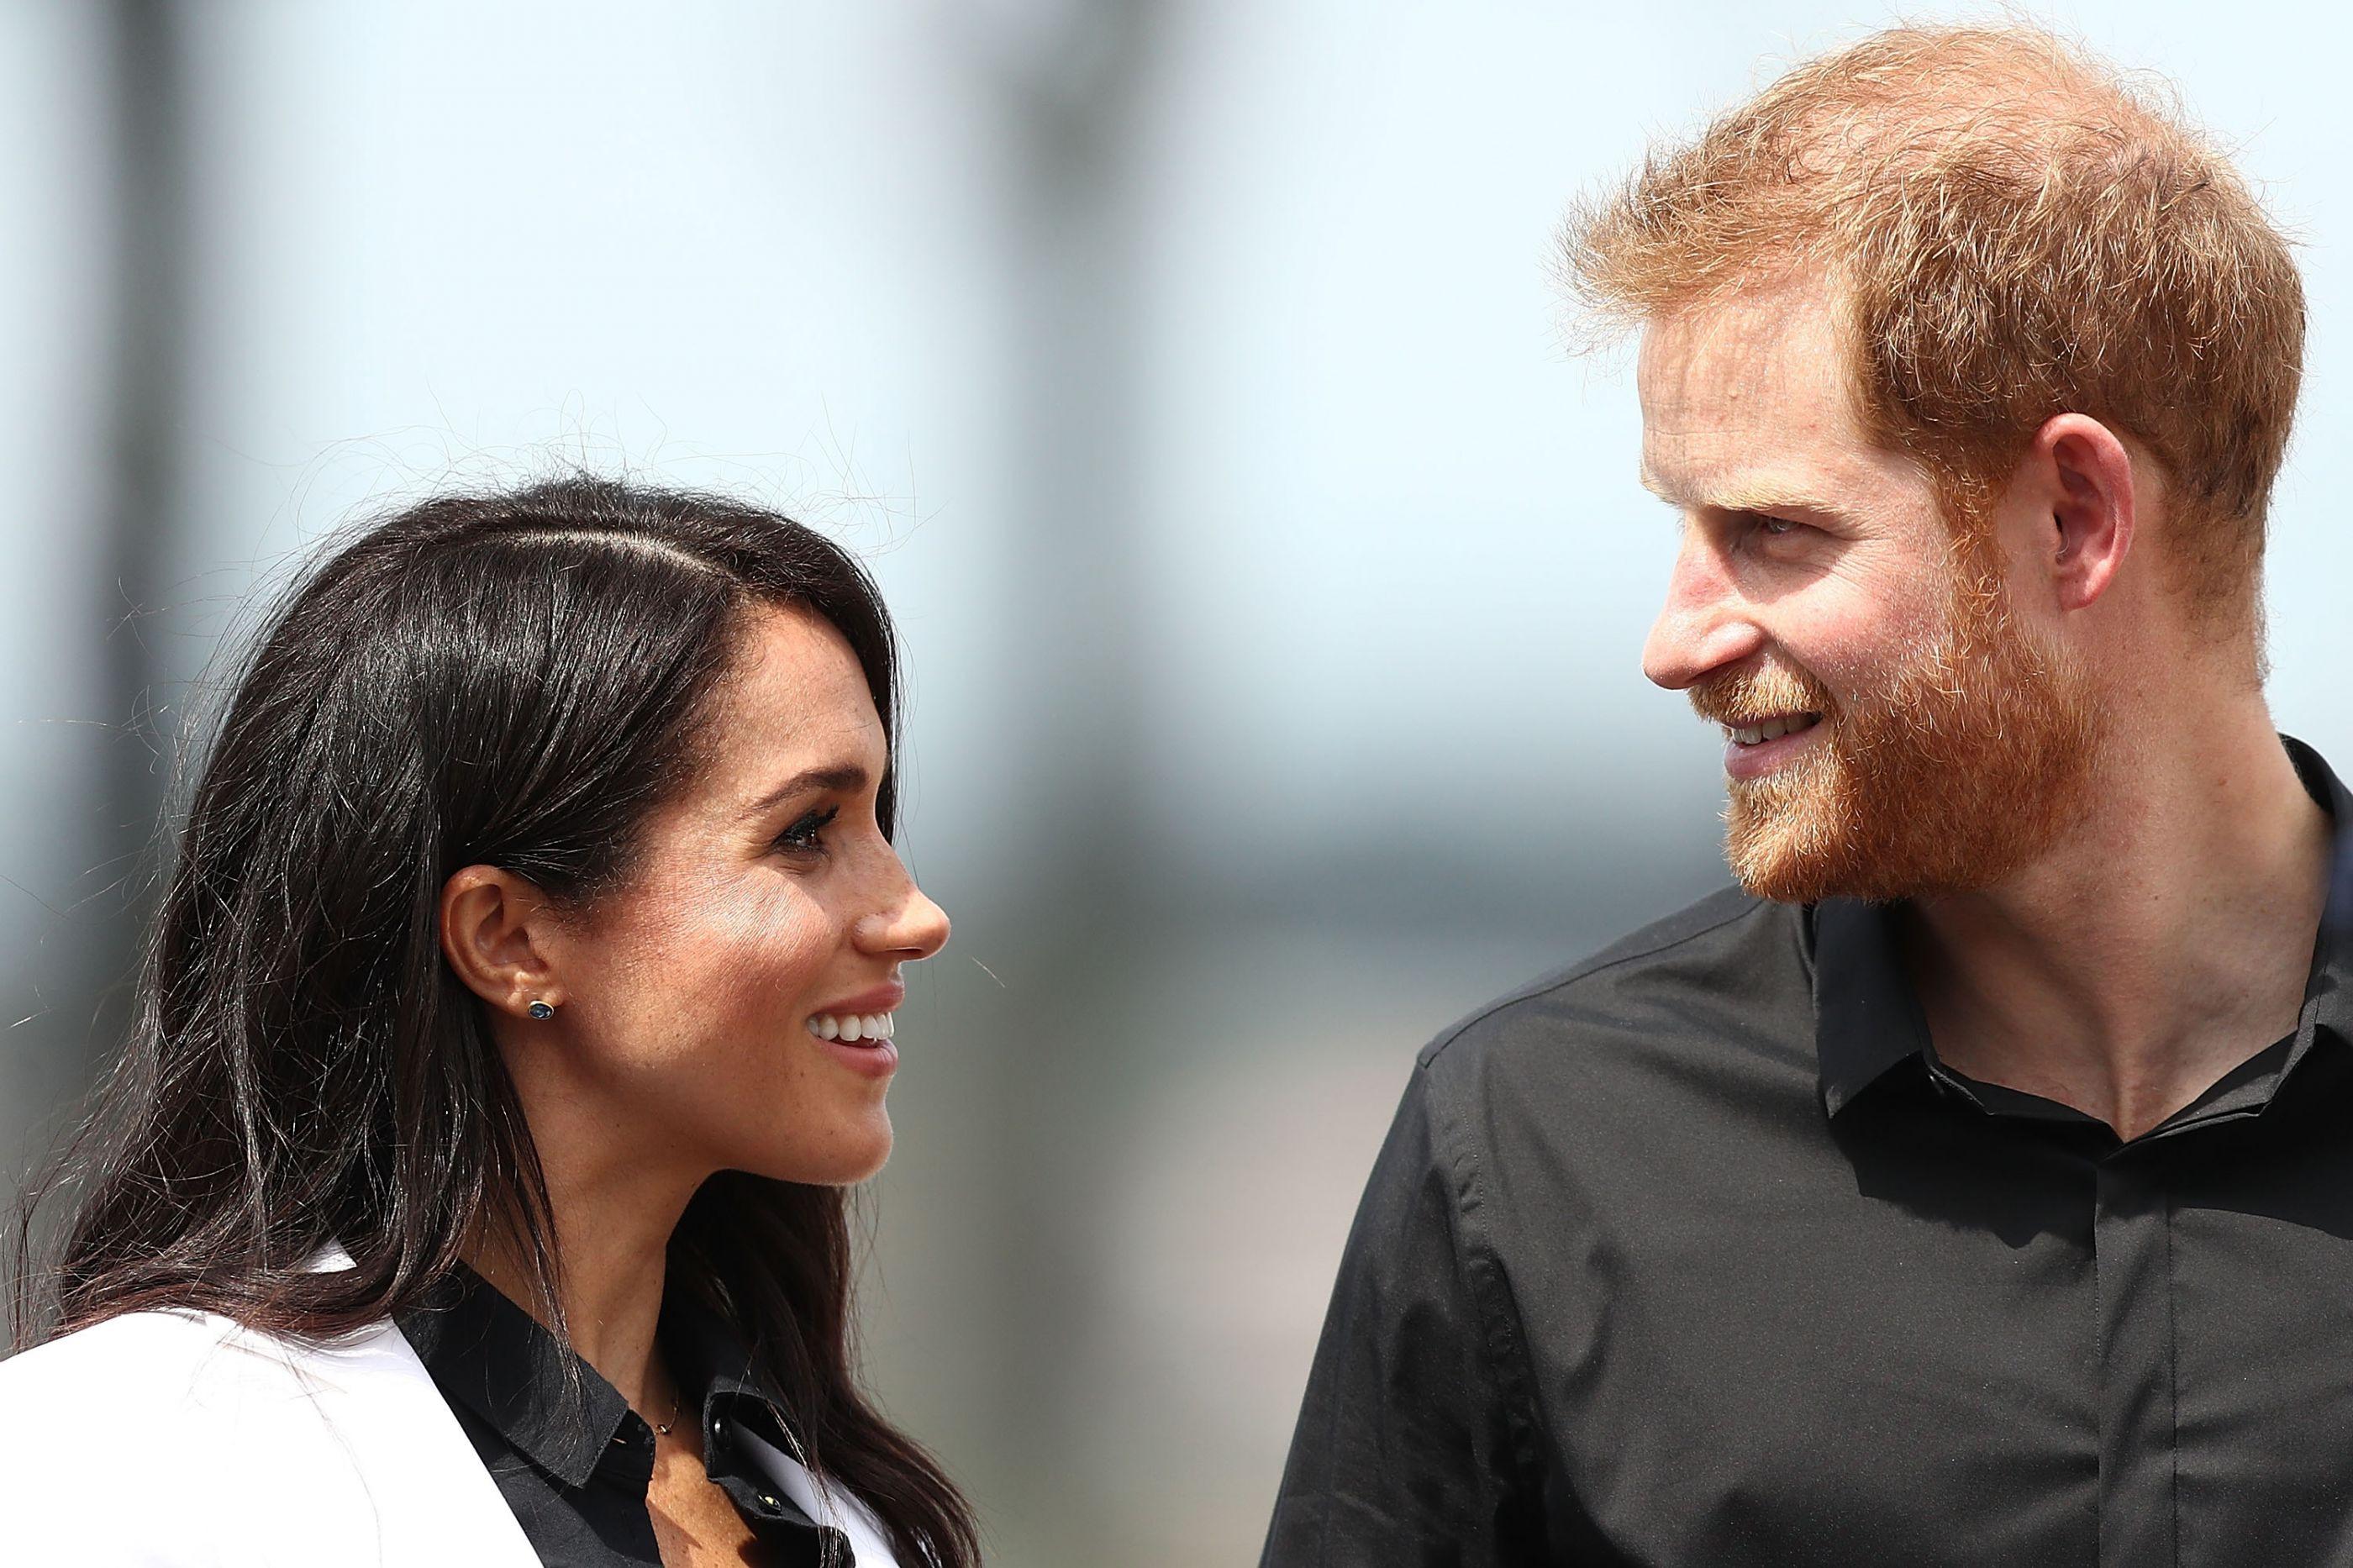 Príncipe Harry parte em viagem. Meghan fica em casa com a mãe